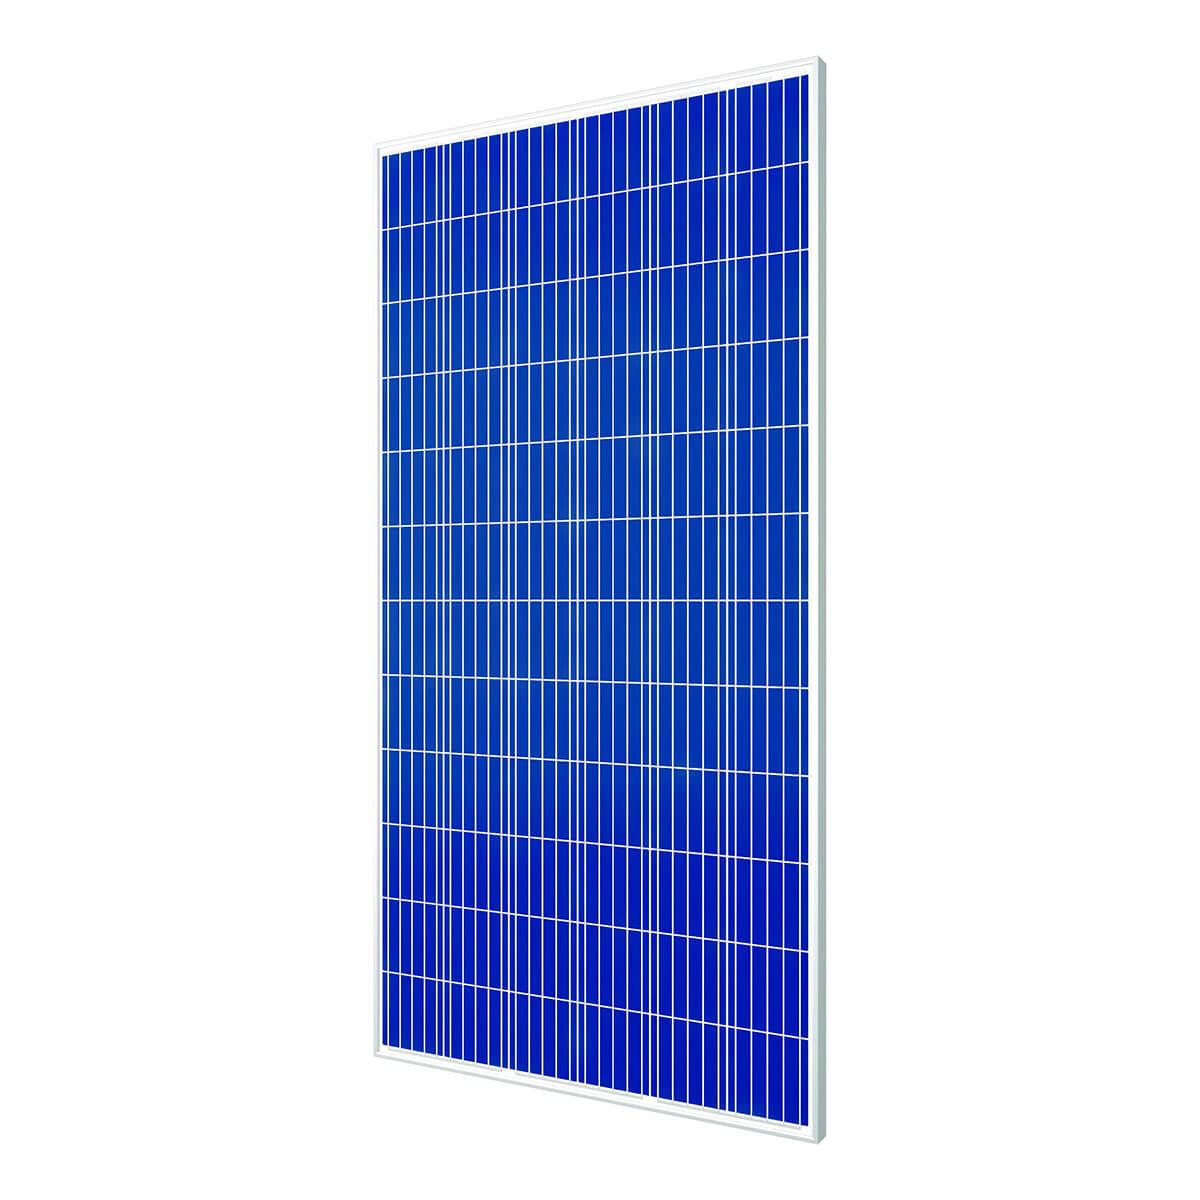 tommatech 335W panel, tommatech 335Watt panel, tommatech 335 W panel, tommatech 335 Watt panel, tommatech 335 Watt polikristal panel, tommatech 335 W watt gunes paneli, tommatech 335 W watt polikristal gunes paneli, tommatech 335 W Watt fotovoltaik polikristal solar panel, tommatech 335W polikristal gunes enerjisi, tommatech TT335-72P-335W panel, TOMMATECH 335WATT